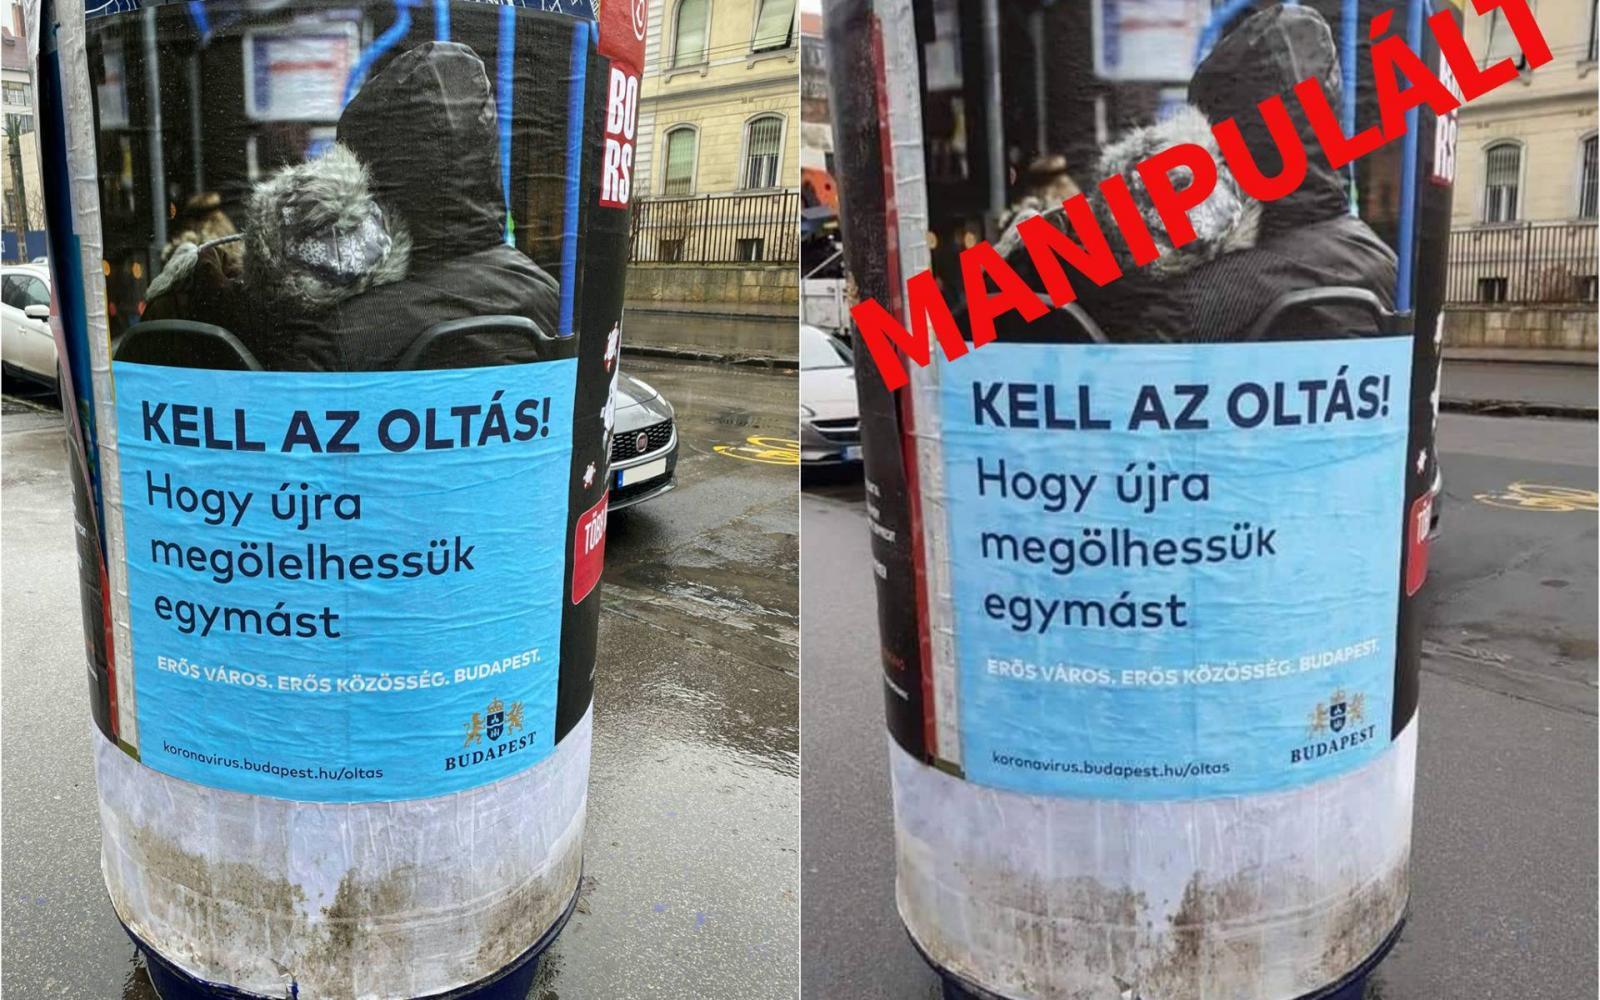 Jogi lépések  Főváros plakátjainak meghamisítása miatt Karácsony